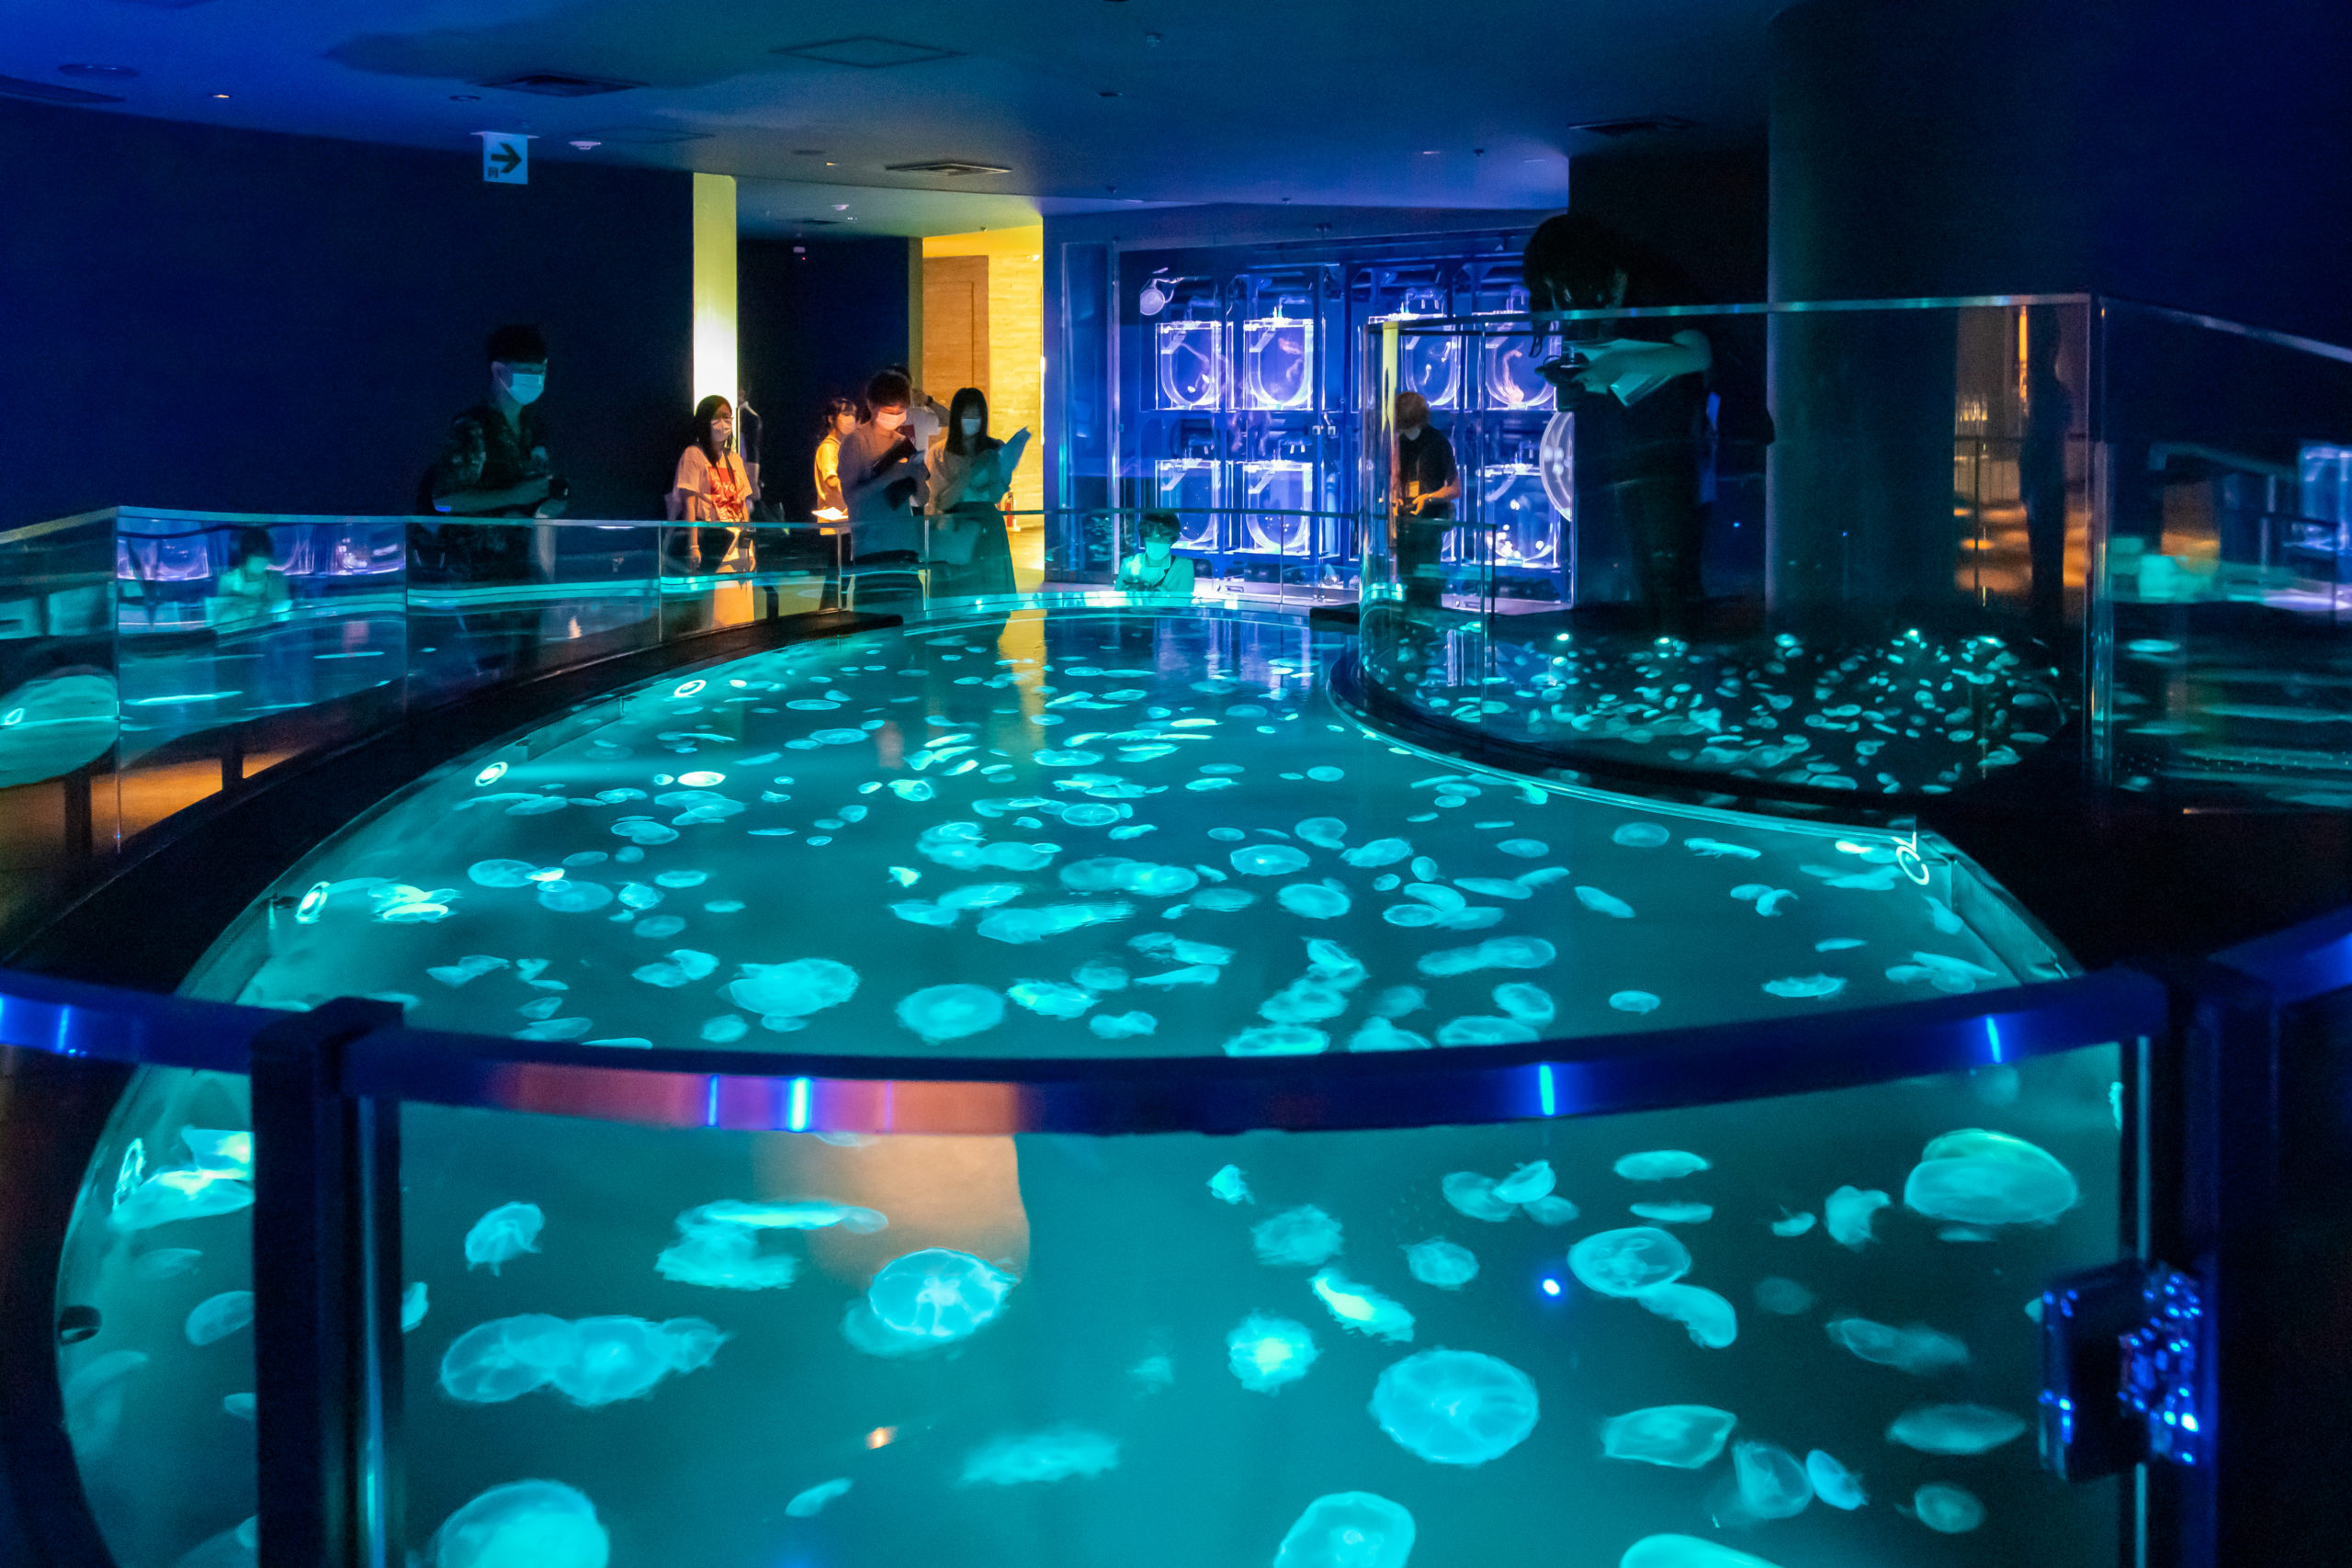 [日本最大級のクラゲ水槽] 大規模リニューアルされた「すみだ水族館」は「へだてないこと」がコンセプト